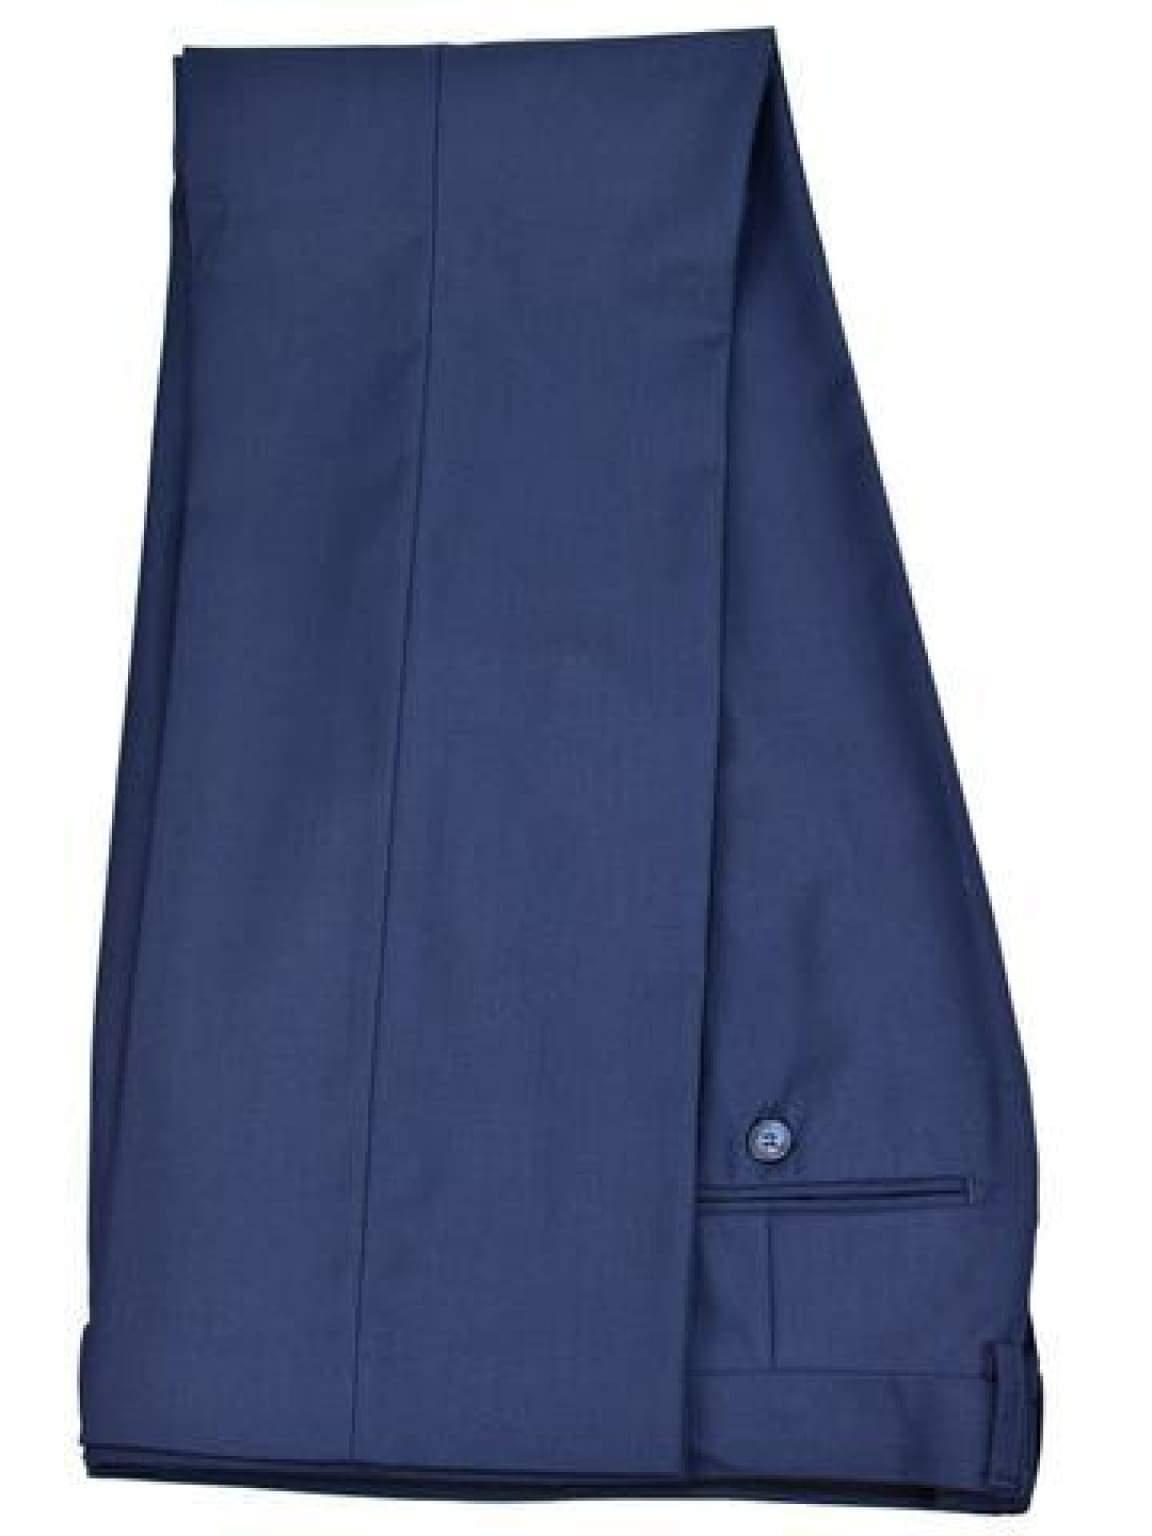 Cavani Jefferson Navy Suit Trousers - Suit & Tailoring